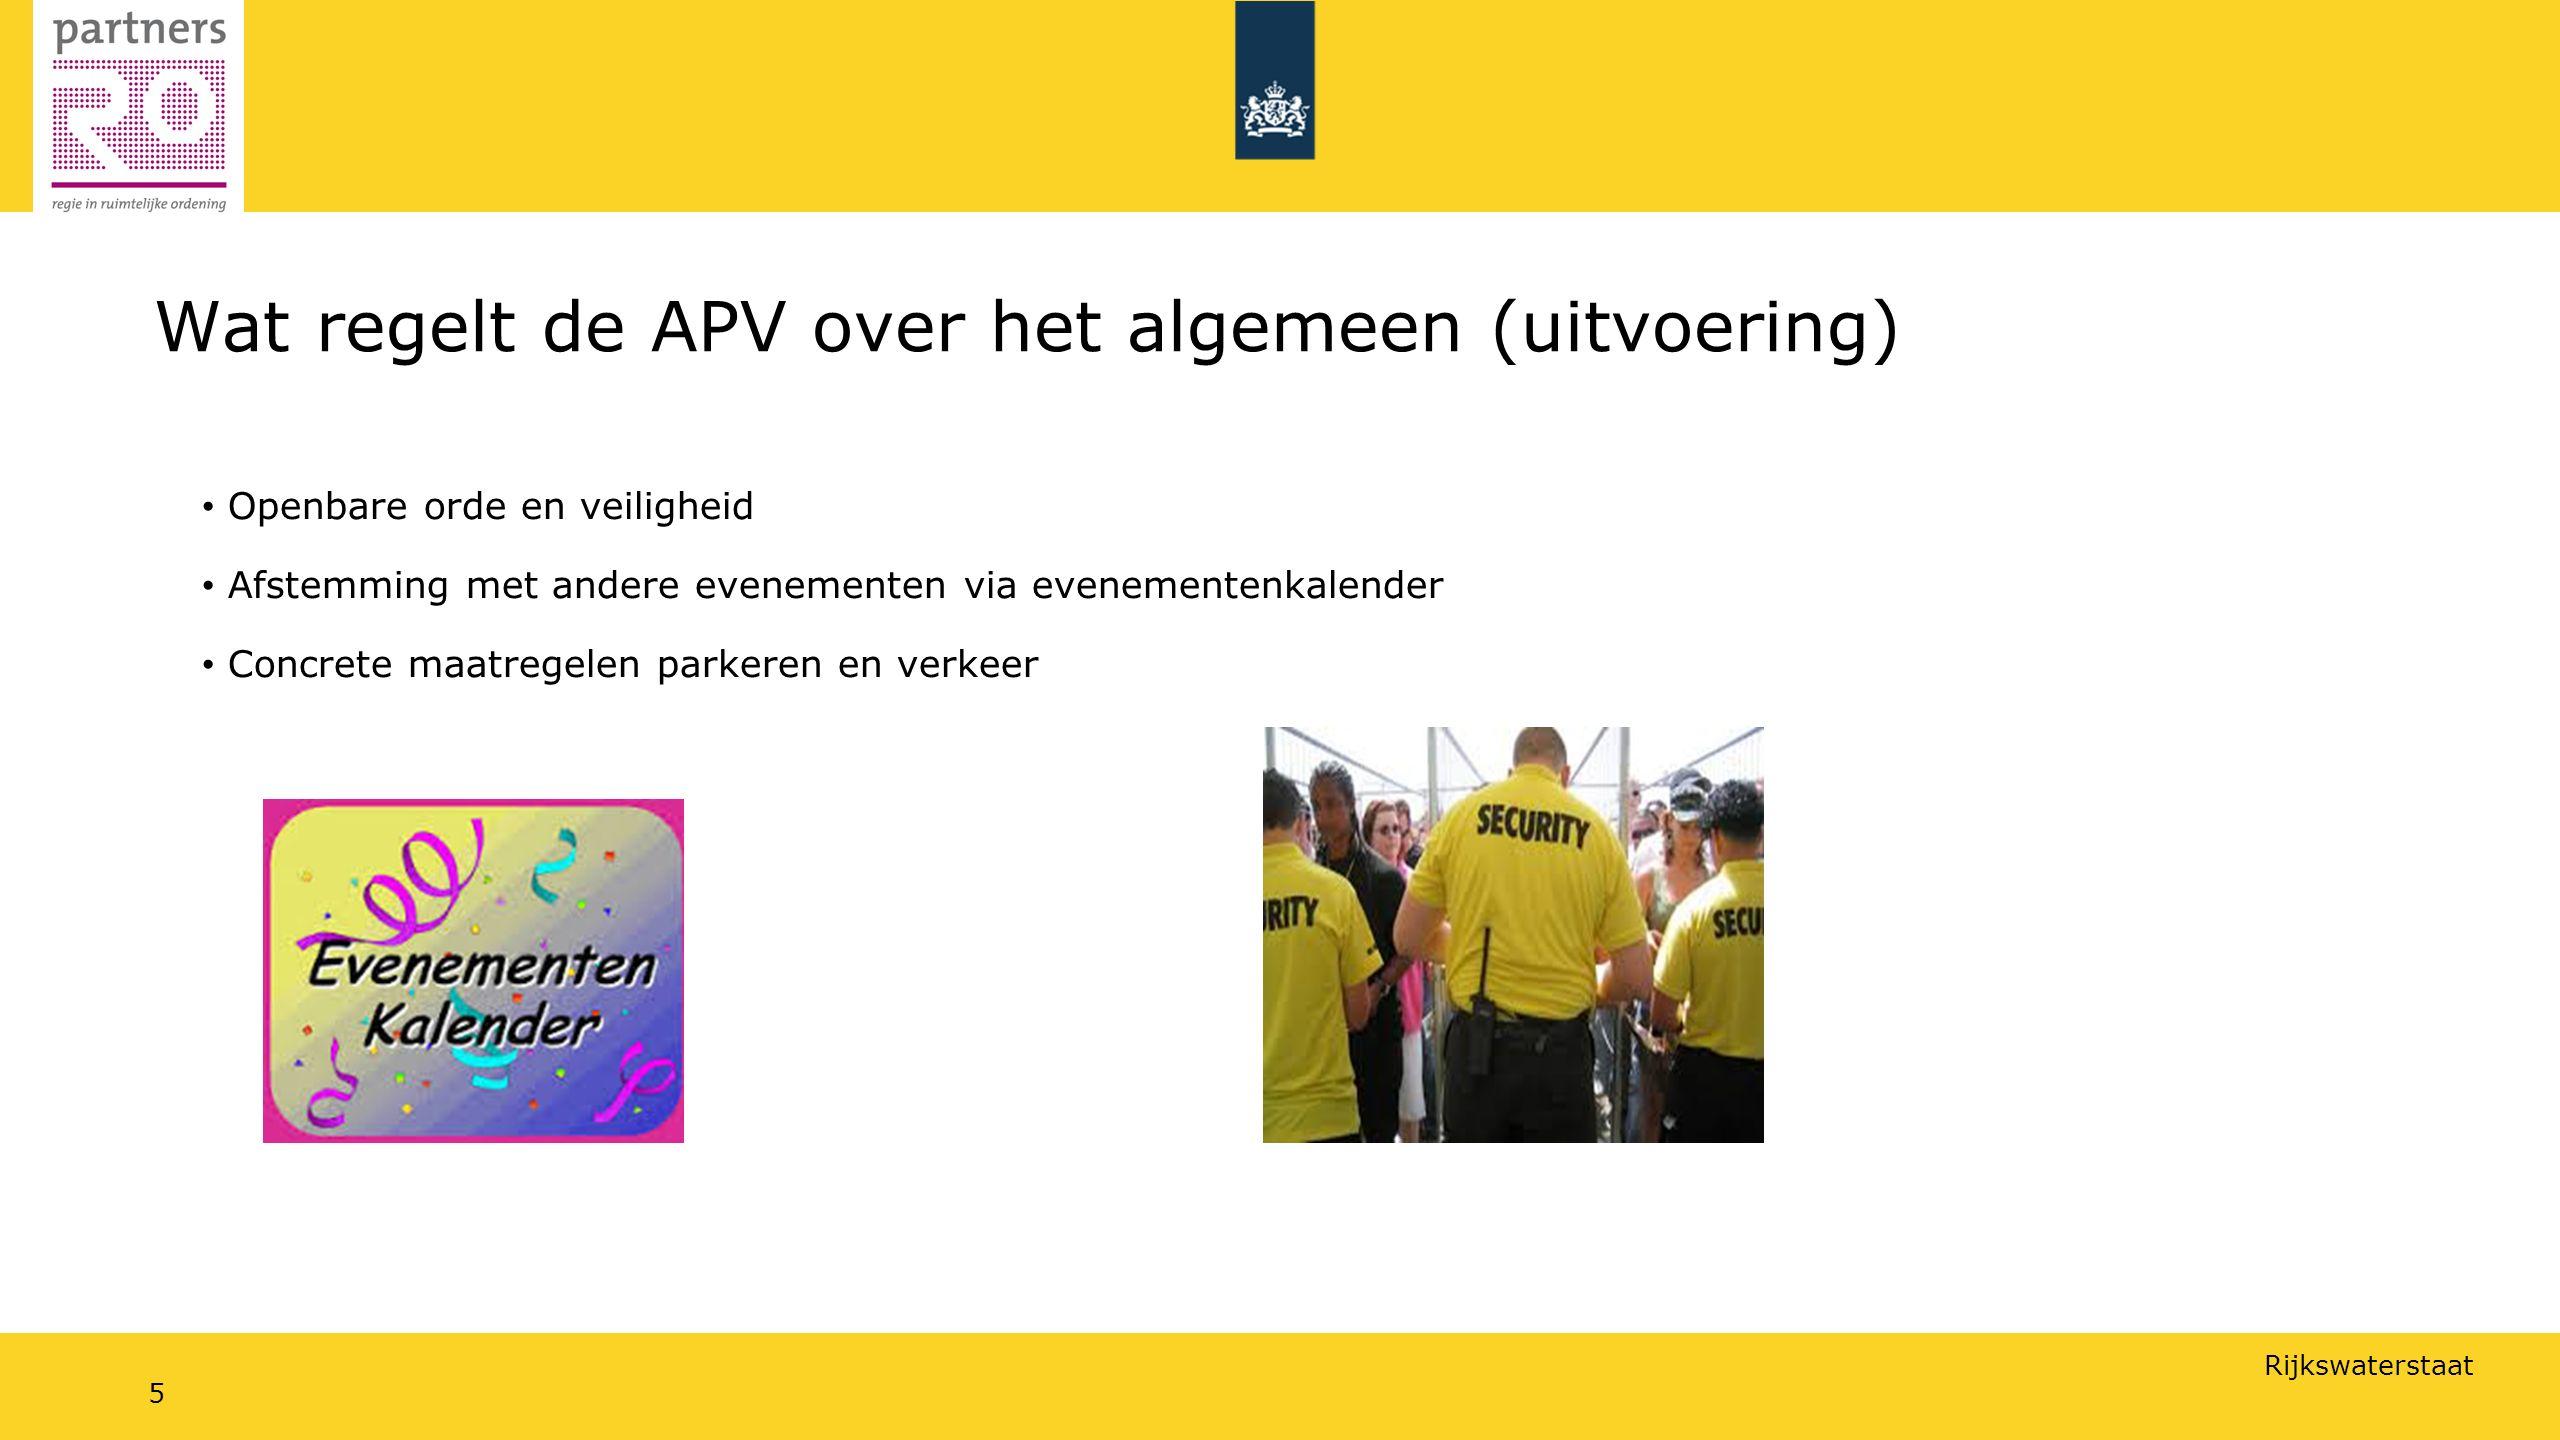 Rijkswaterstaat 5 Wat regelt de APV over het algemeen (uitvoering) Openbare orde en veiligheid Afstemming met andere evenementen via evenementenkalender Concrete maatregelen parkeren en verkeer